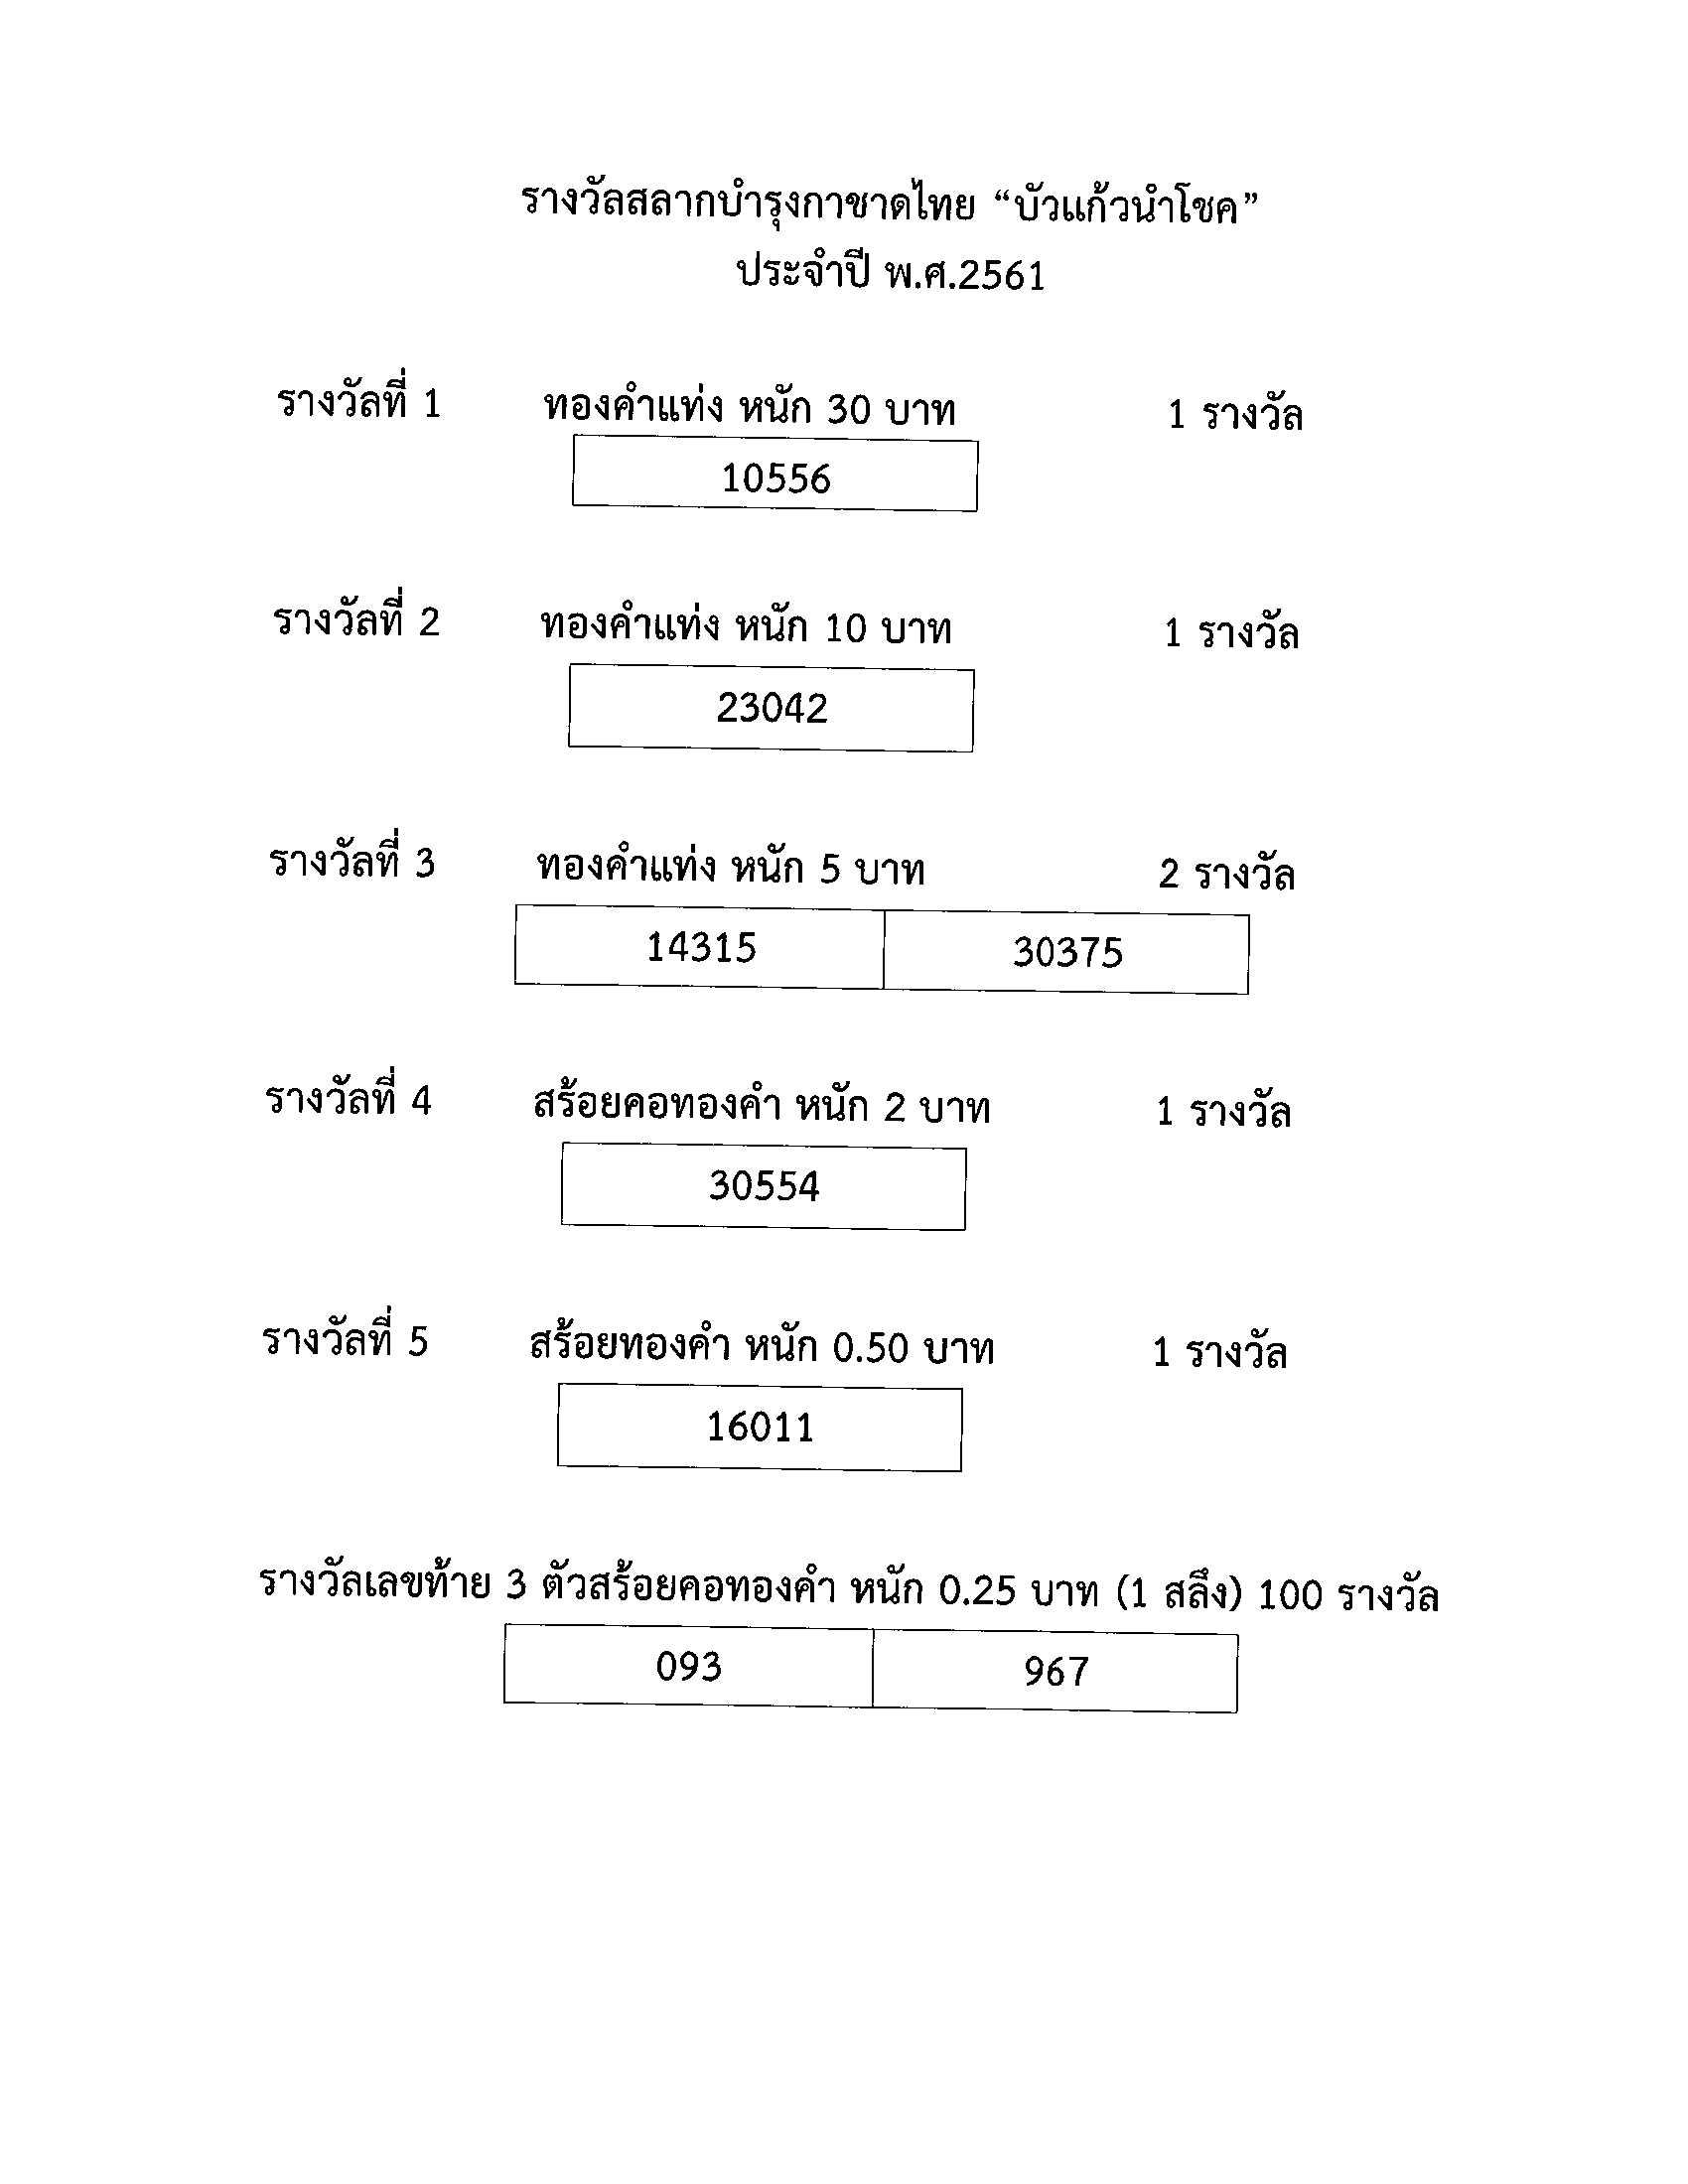 """ผลการออกรางวัลสลากบำรุงกาชาดไทย """"บัวแก้วนำโชค"""" ประจำปี พ.ศ. 2561"""